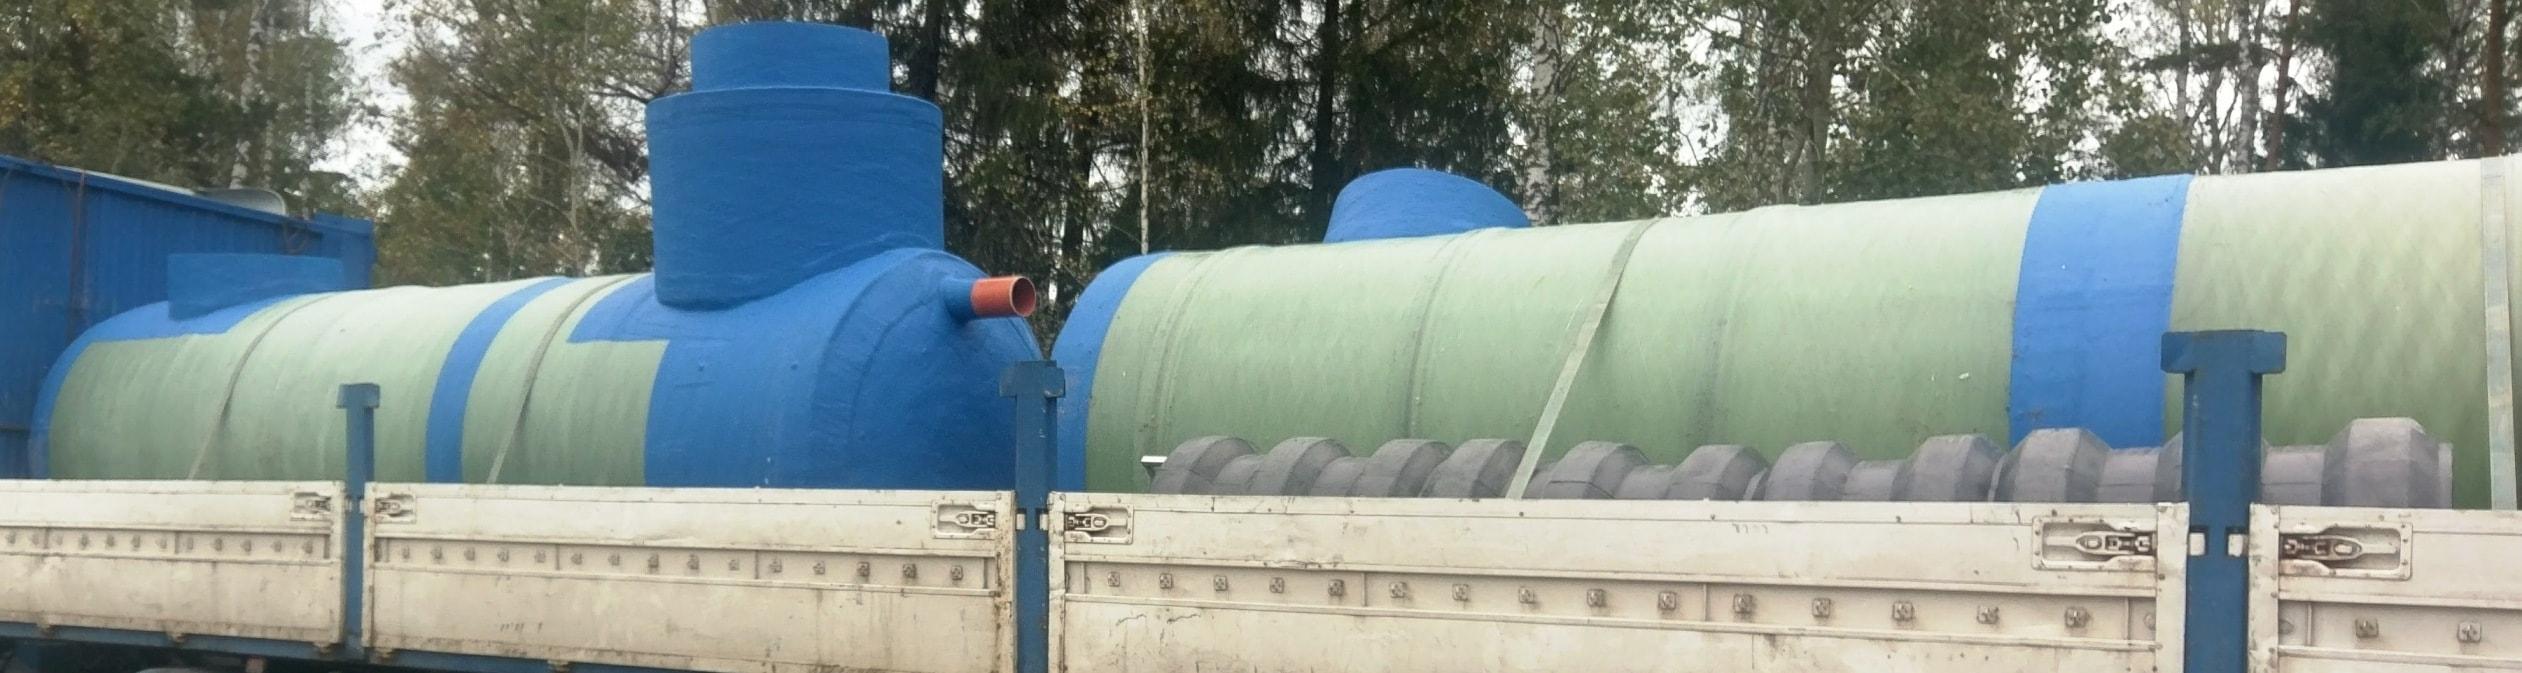 Бензомаслоотделитель для ливневой канализации